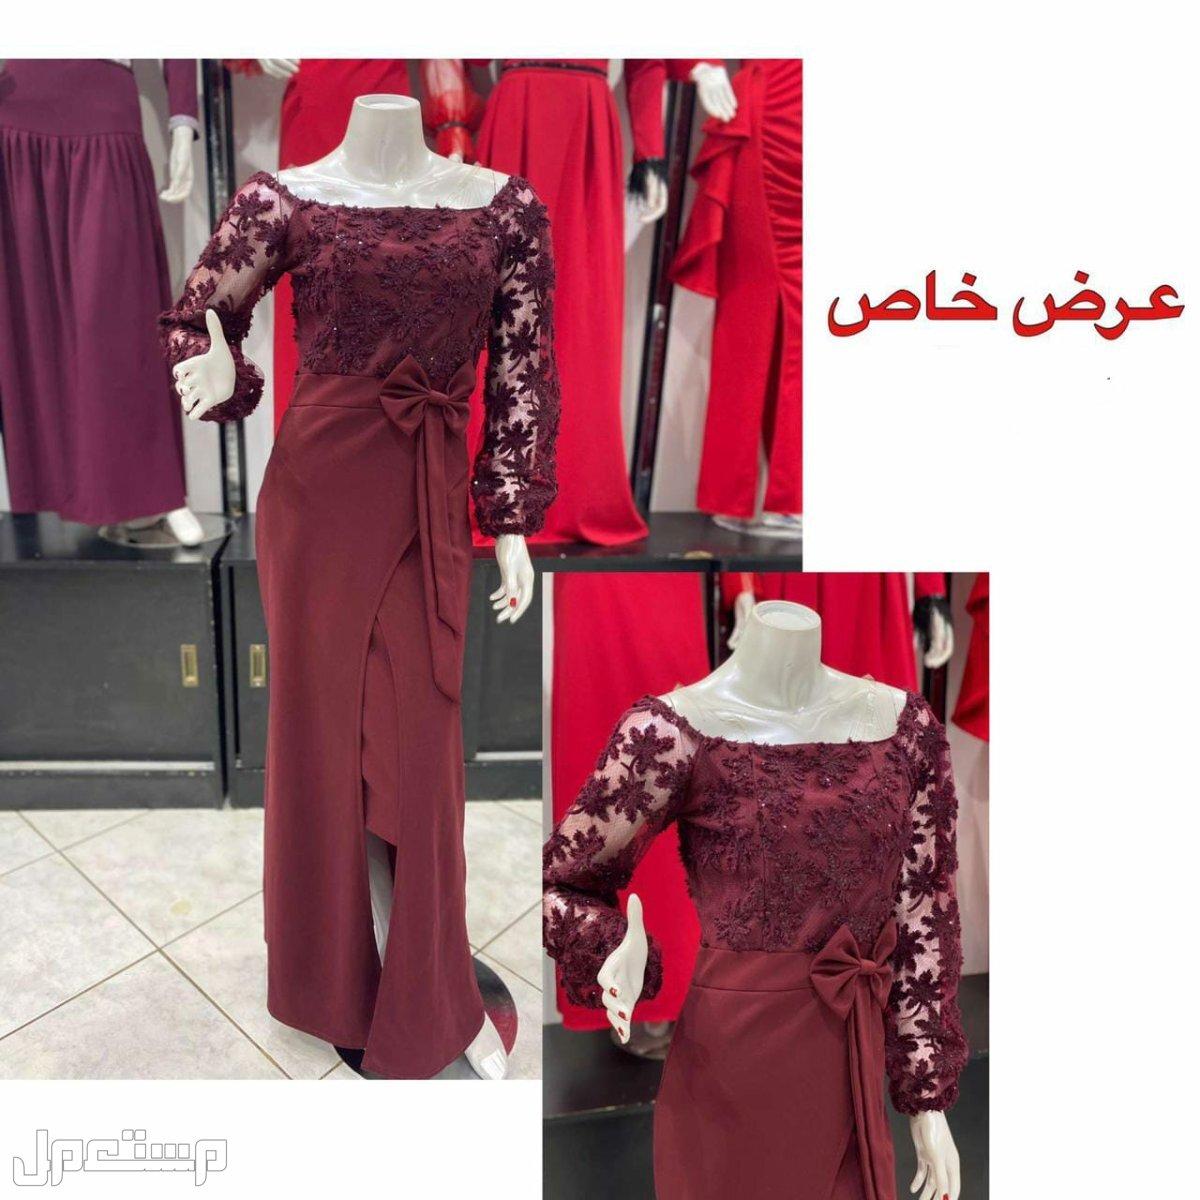 جديدنا أي فستان ب135ريال فقطططط عروض